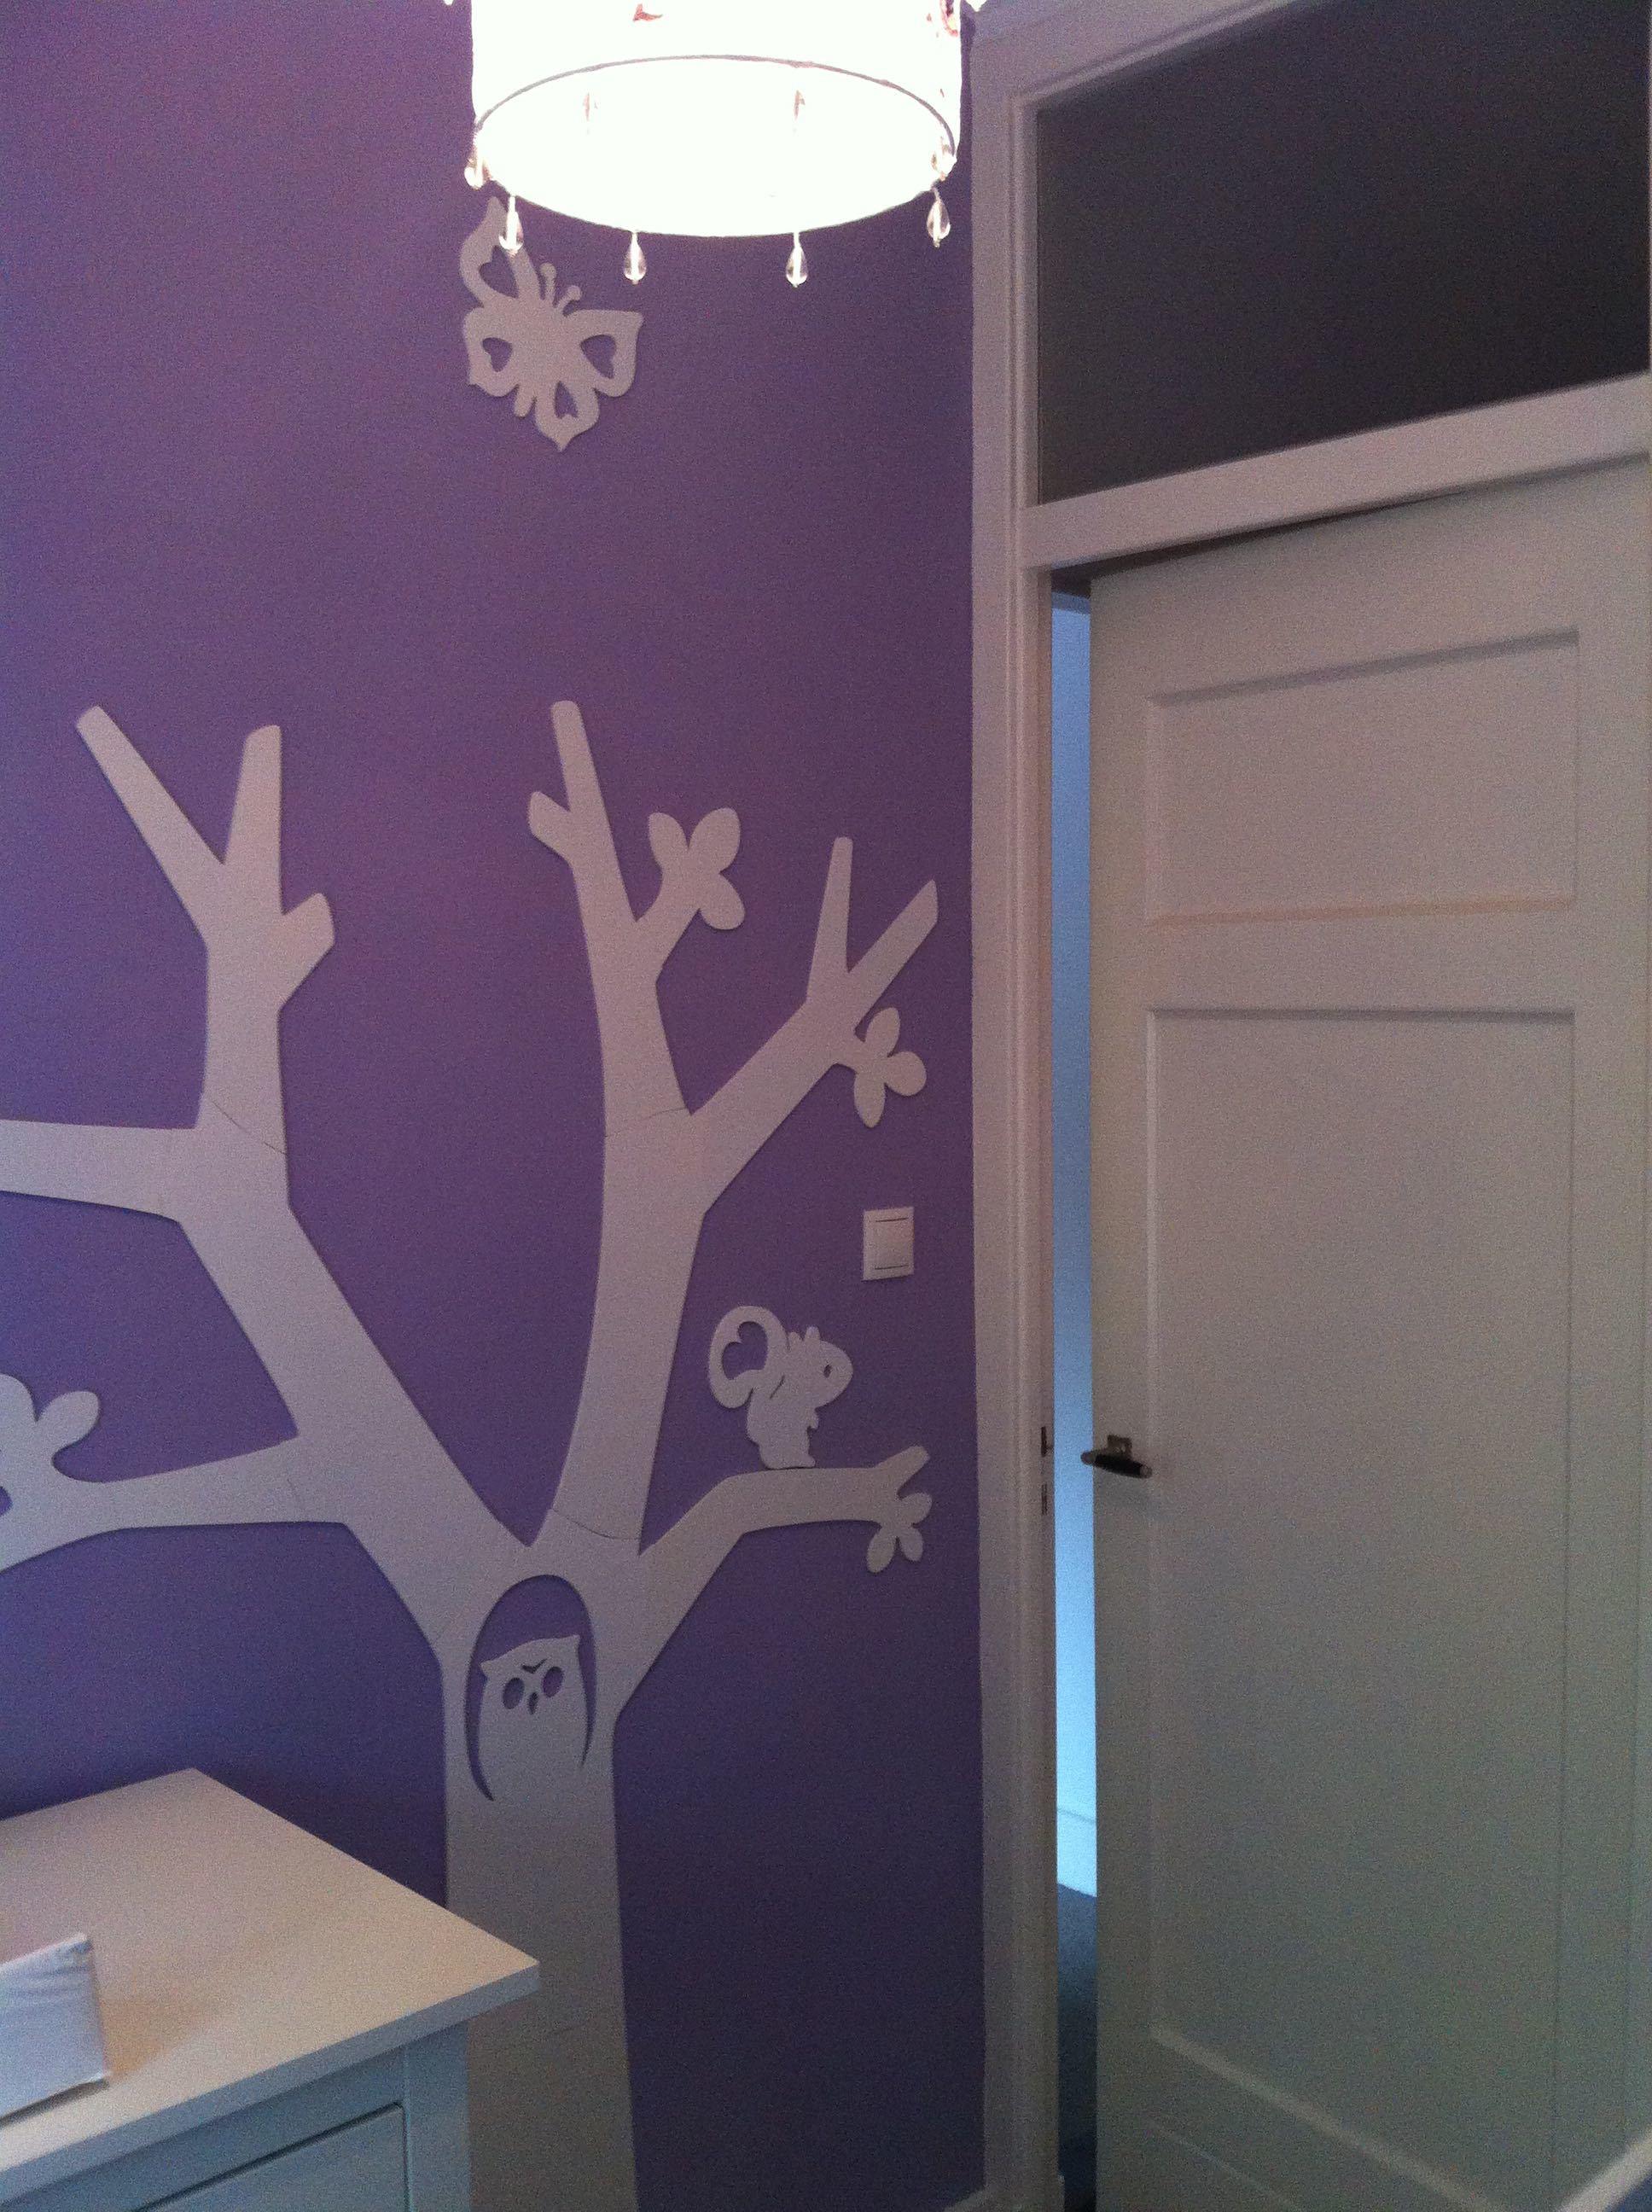 Wanddecoratie Babykamer Boom.Boom In Kinderkamer Voordemakers Nl